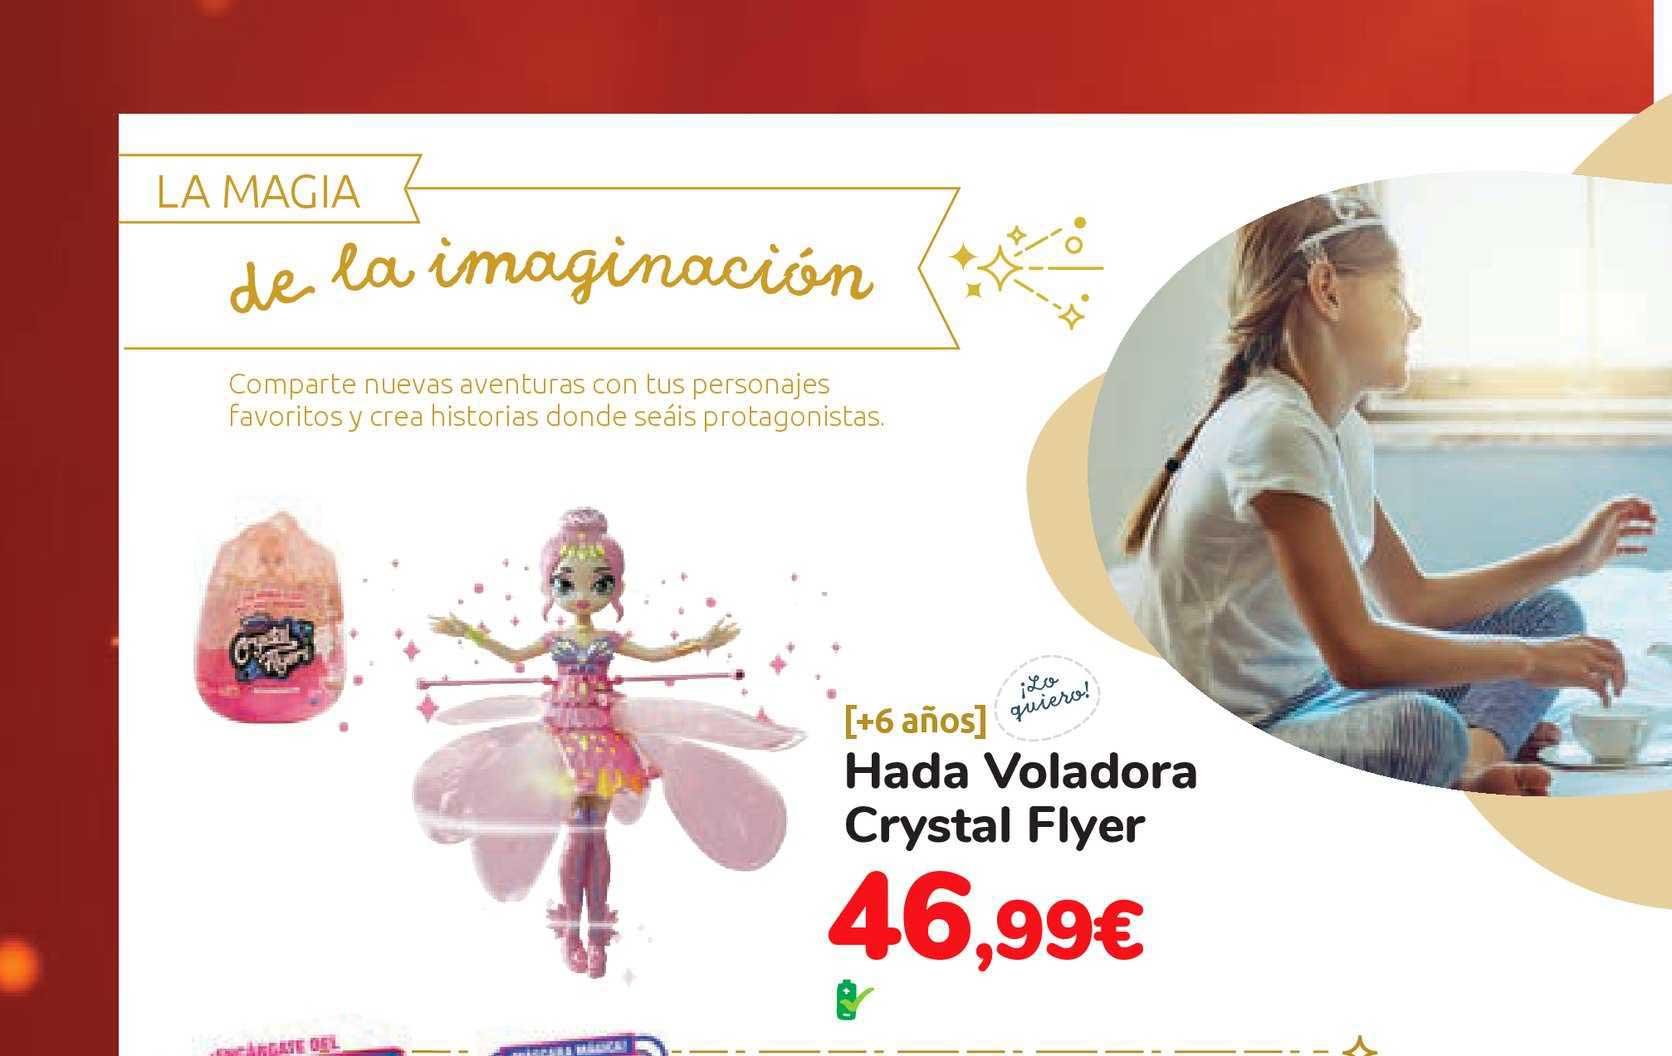 Carrefour Hada Voladora Crystal Flyer